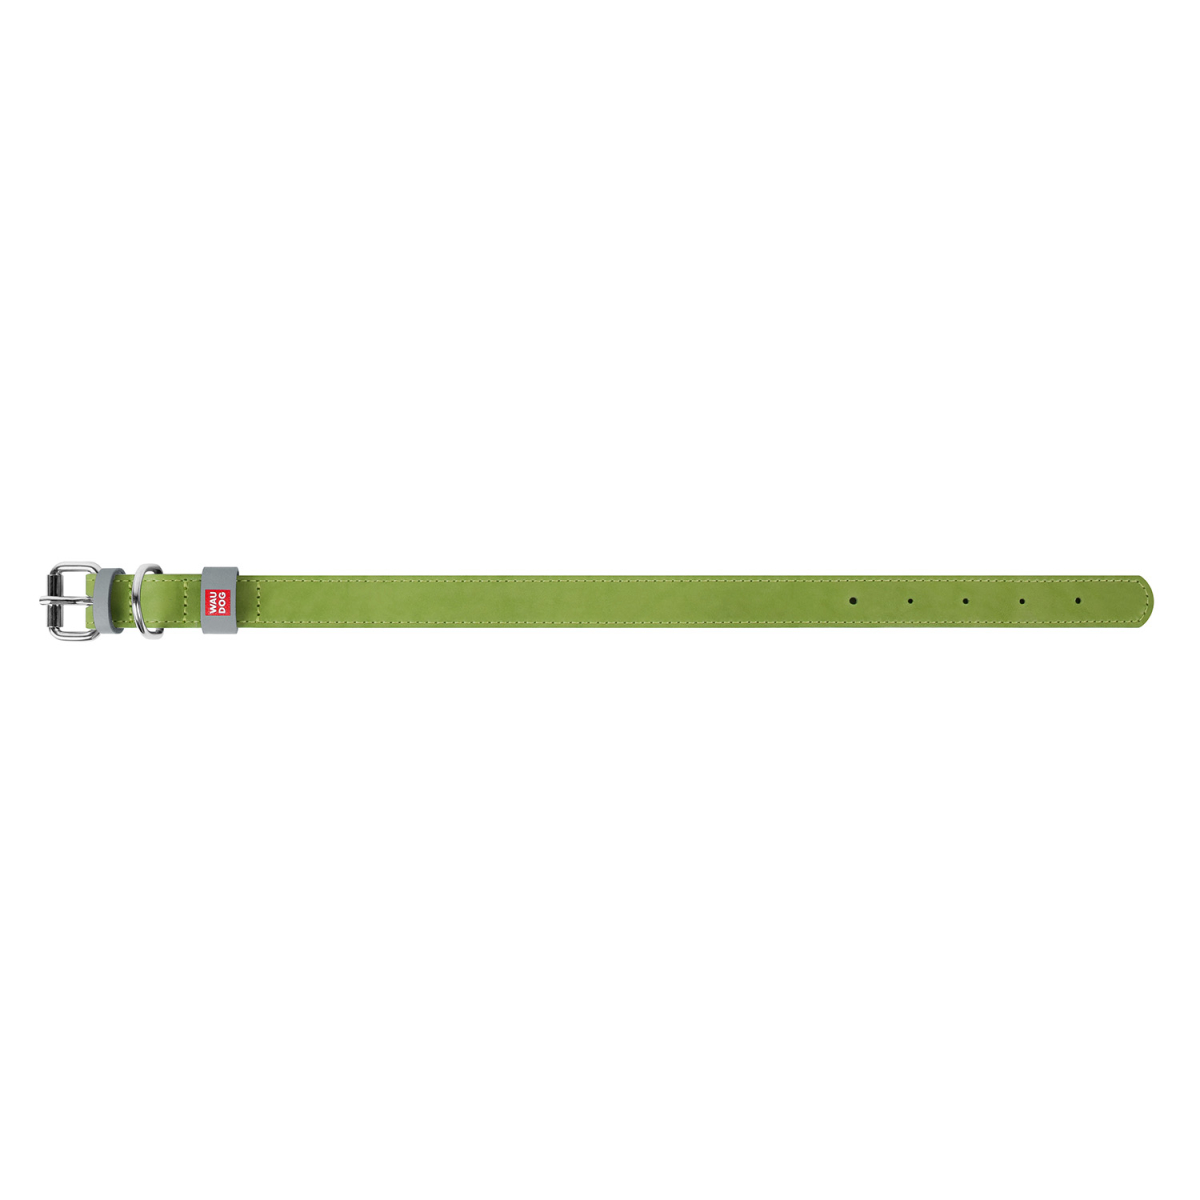 WAUDOG Classic ошейник для собак, 15 мм/27-36 см